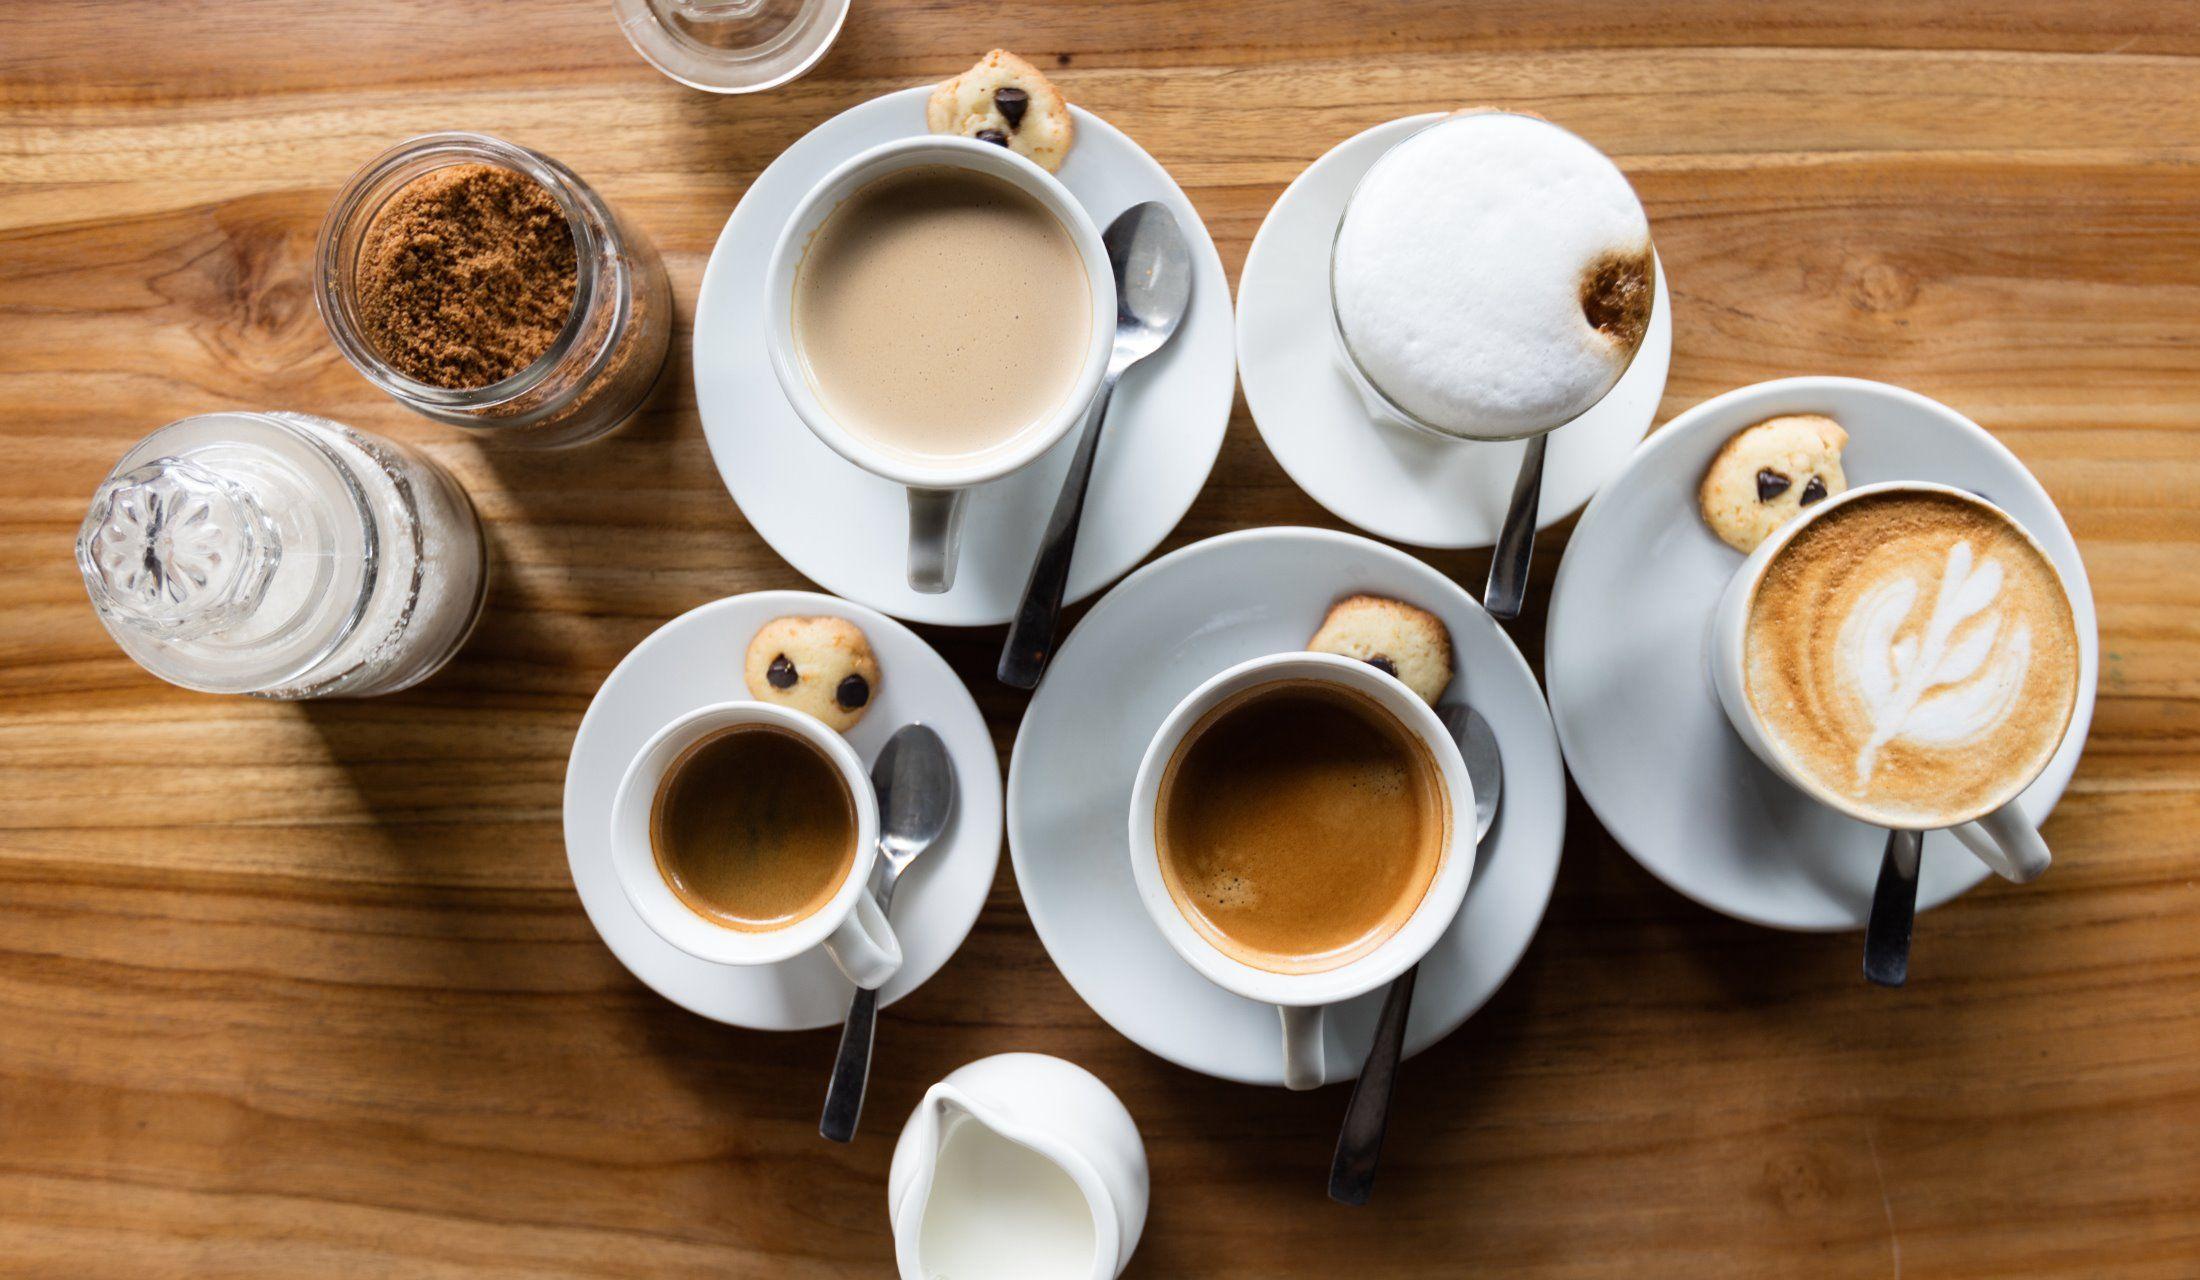 さまざまなコーヒー